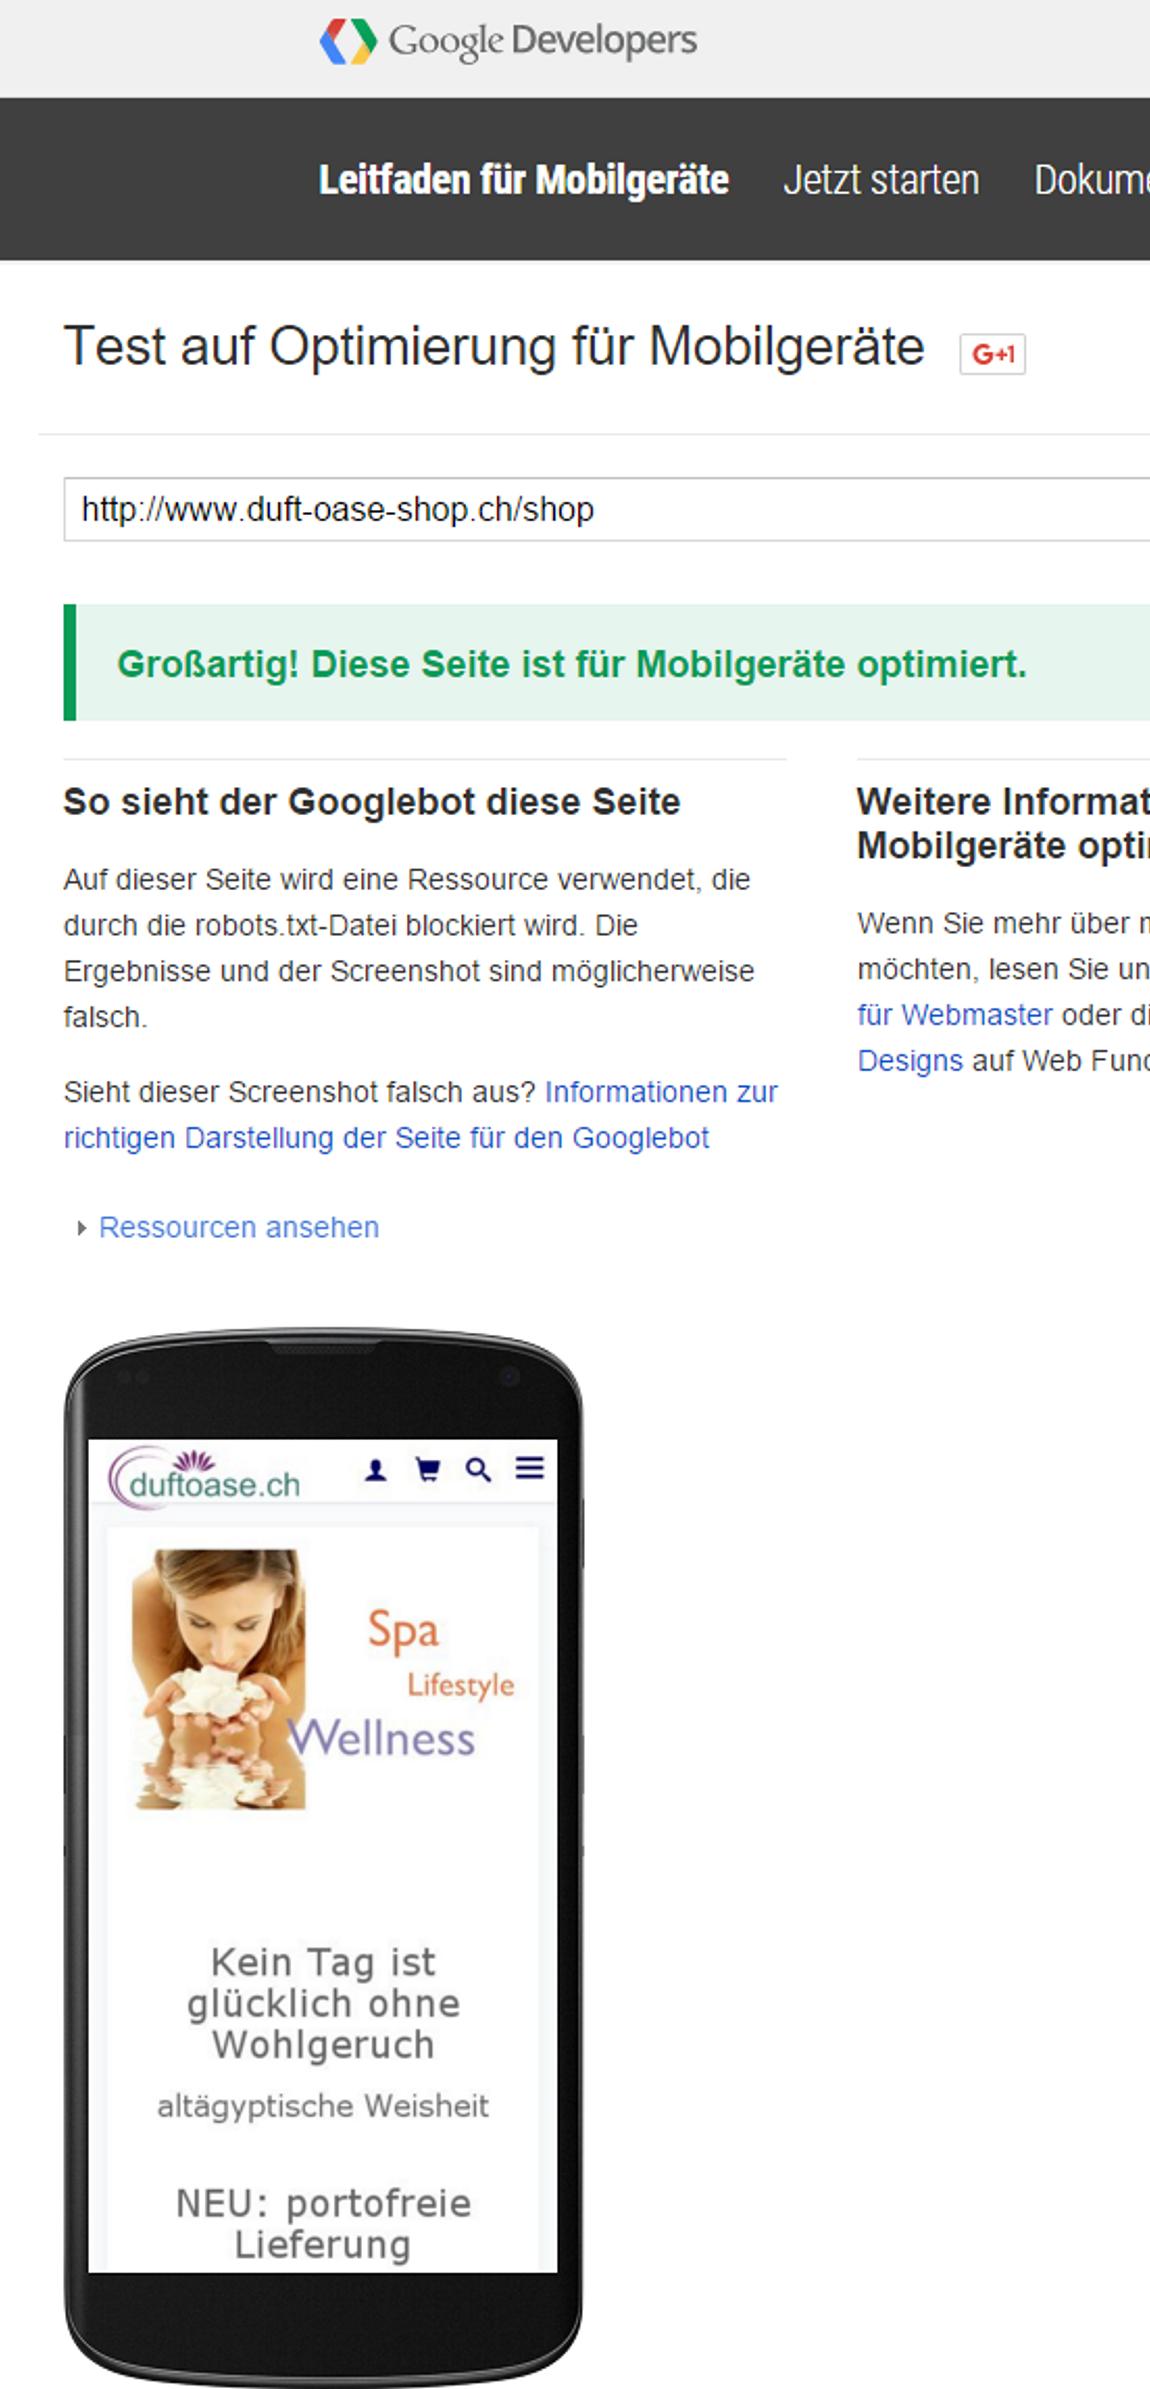 Resultat der Google Überprüfung bezüglich mobile Website